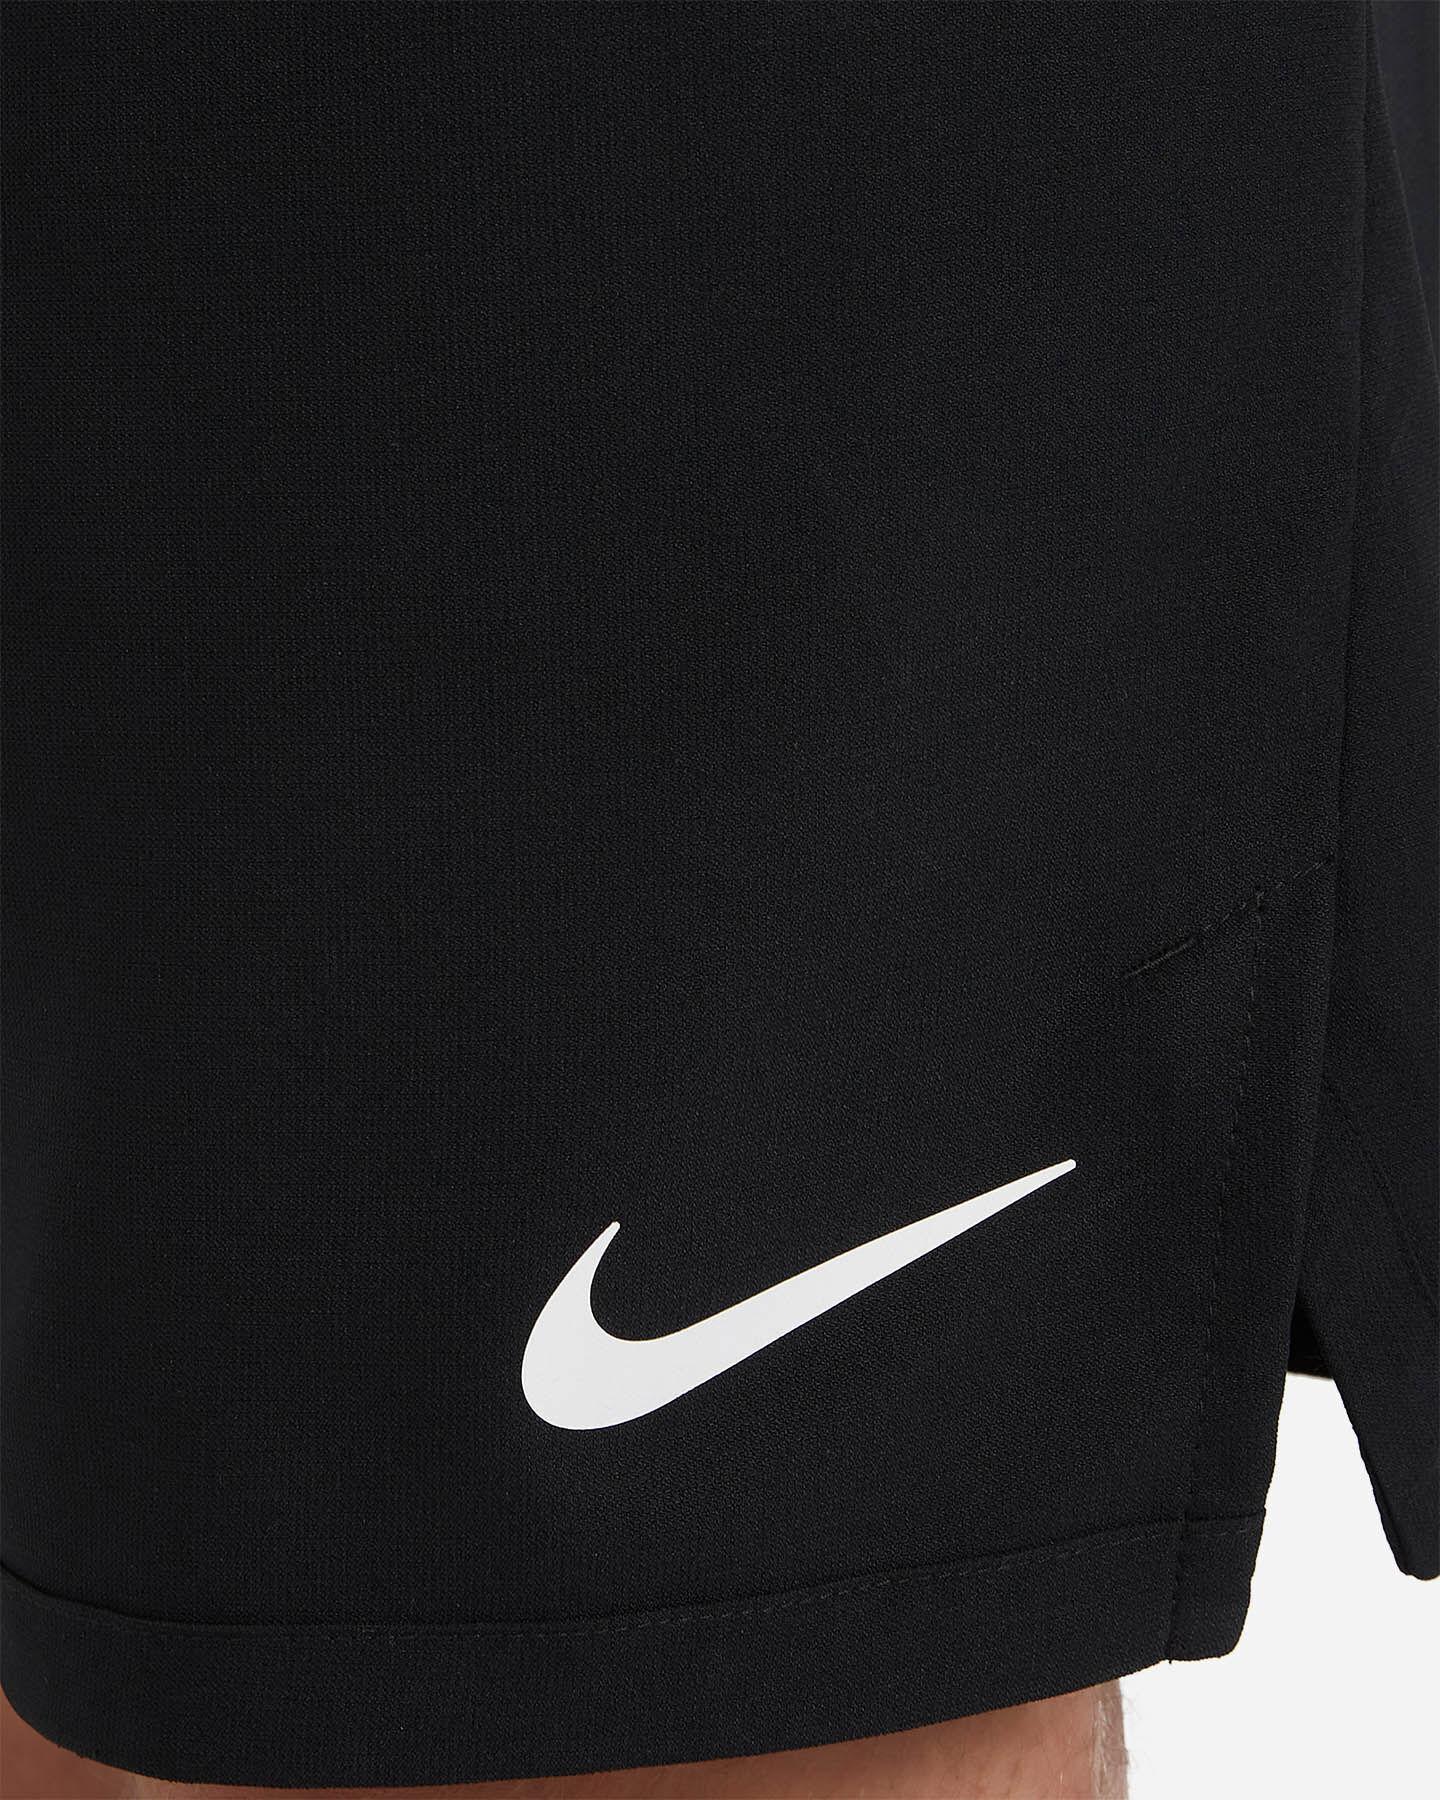 Pantalone training NIKE PRO FLEX VENT MAX 3.0 M S5163988 scatto 3